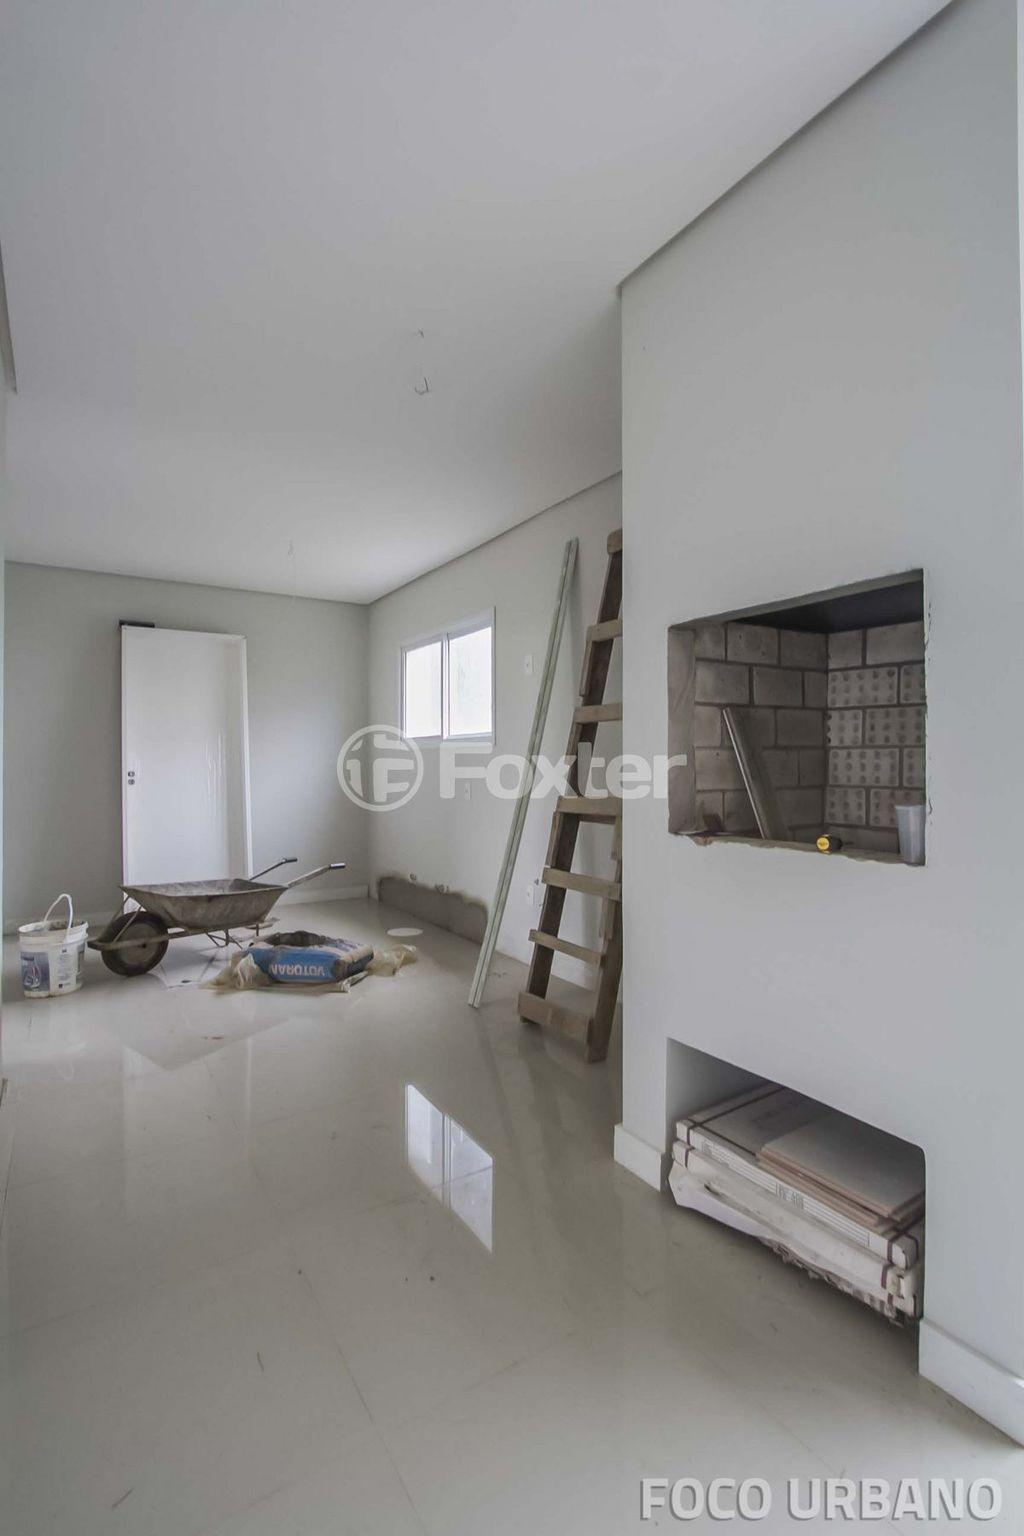 Casa 3 Dorm, Mário Quintana, Porto Alegre (105727) - Foto 20